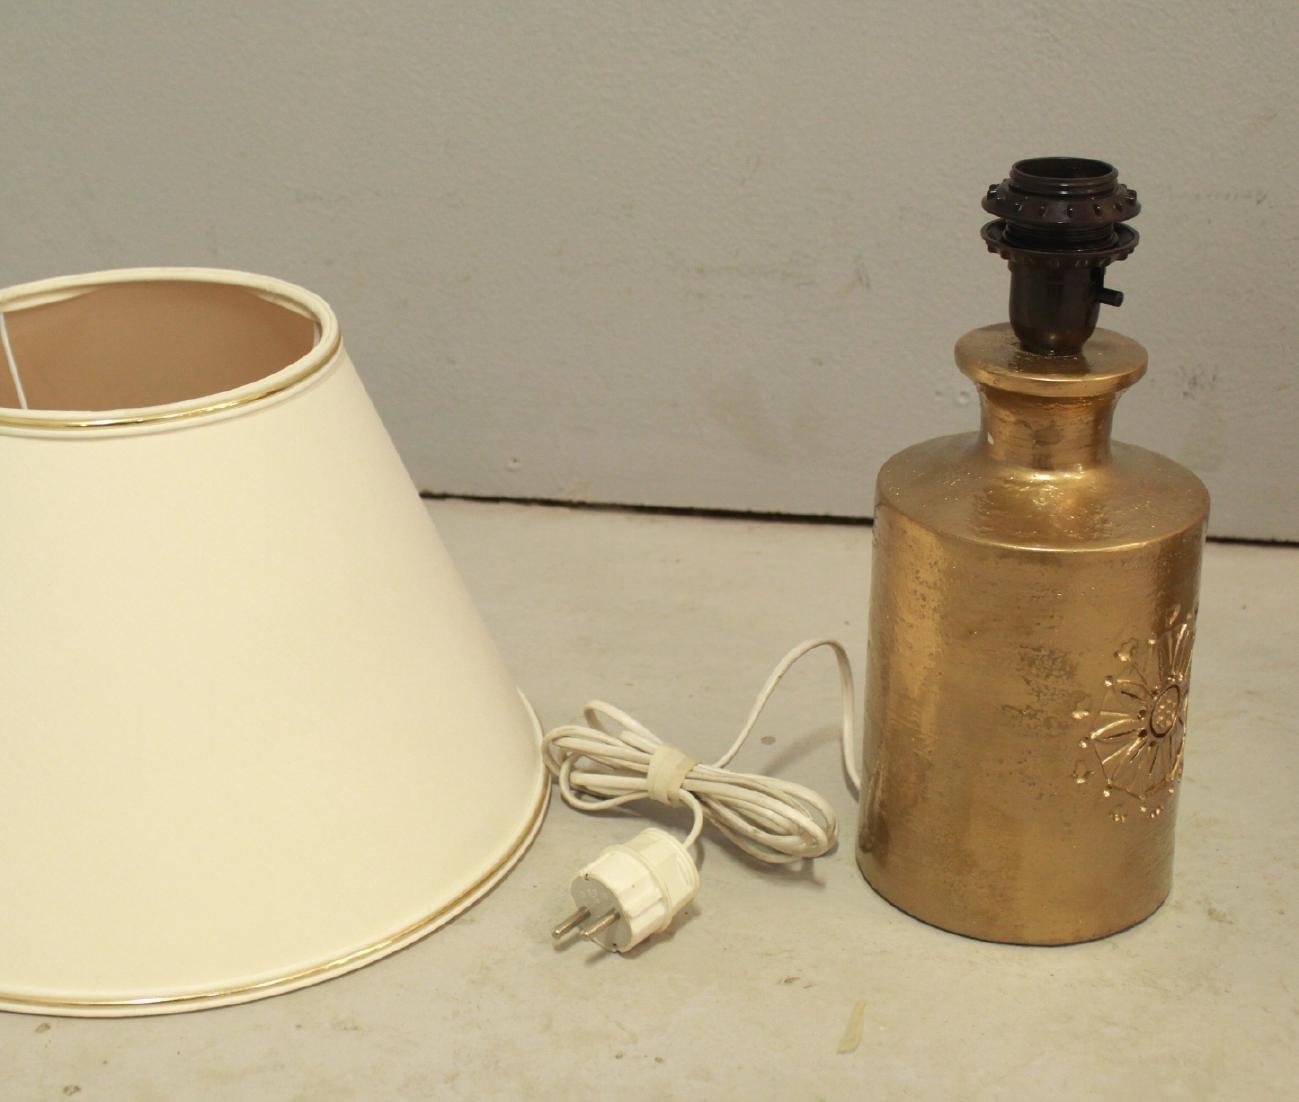 Lampade da tavolo vintage in ceramica placcata in oro a 22k di bitossi per bergboms set di 2 in - Lampade da tavolo in ceramica ...